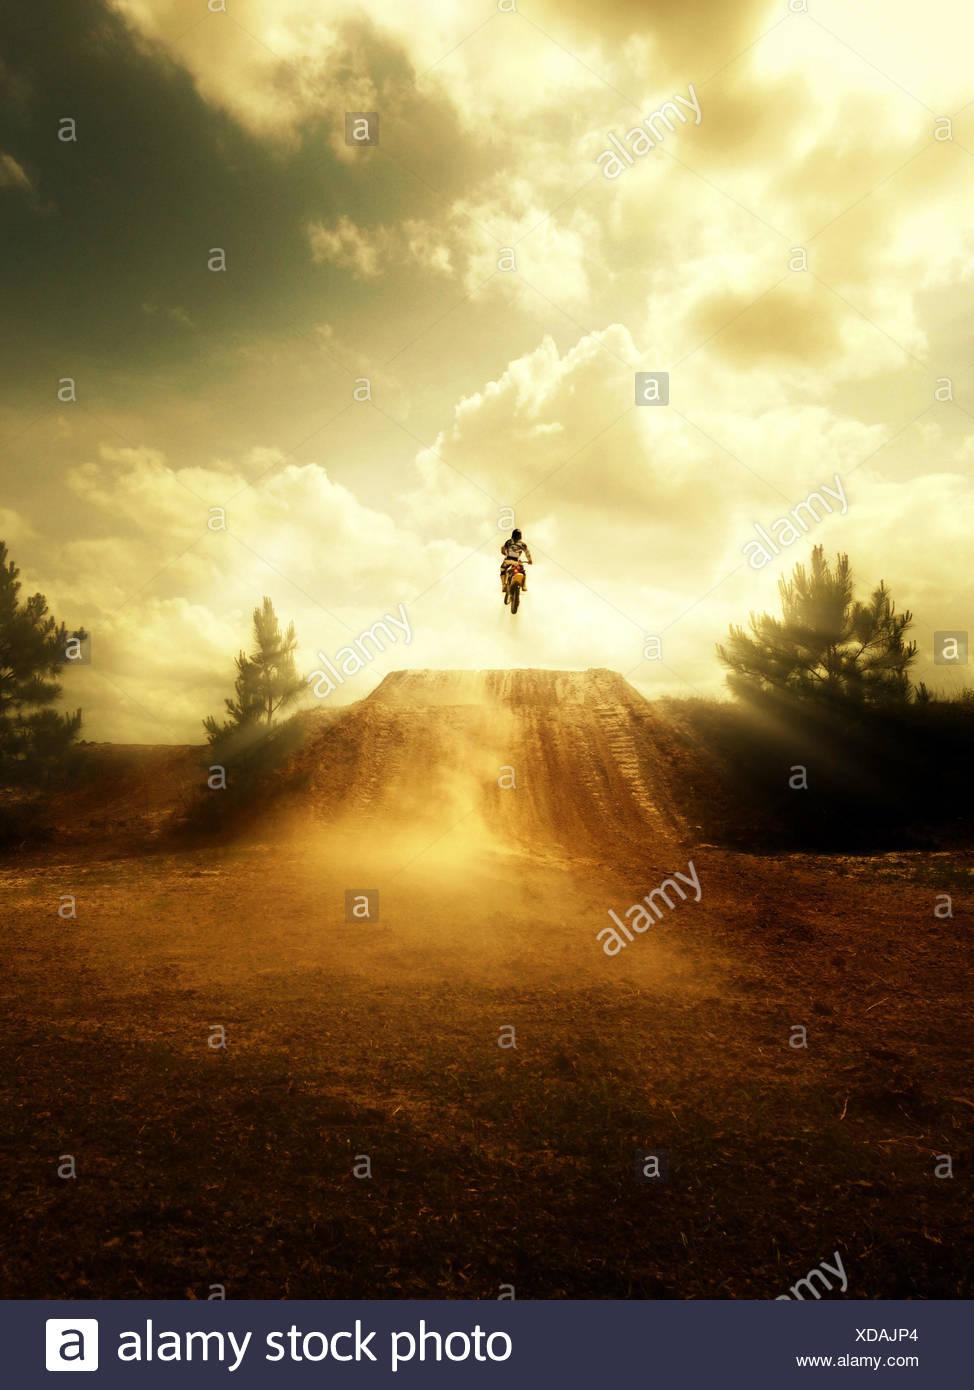 Stati Uniti d'America, Florida, argilla County, Grotta Verde molle, persona di saltare sul motociclo Immagini Stock